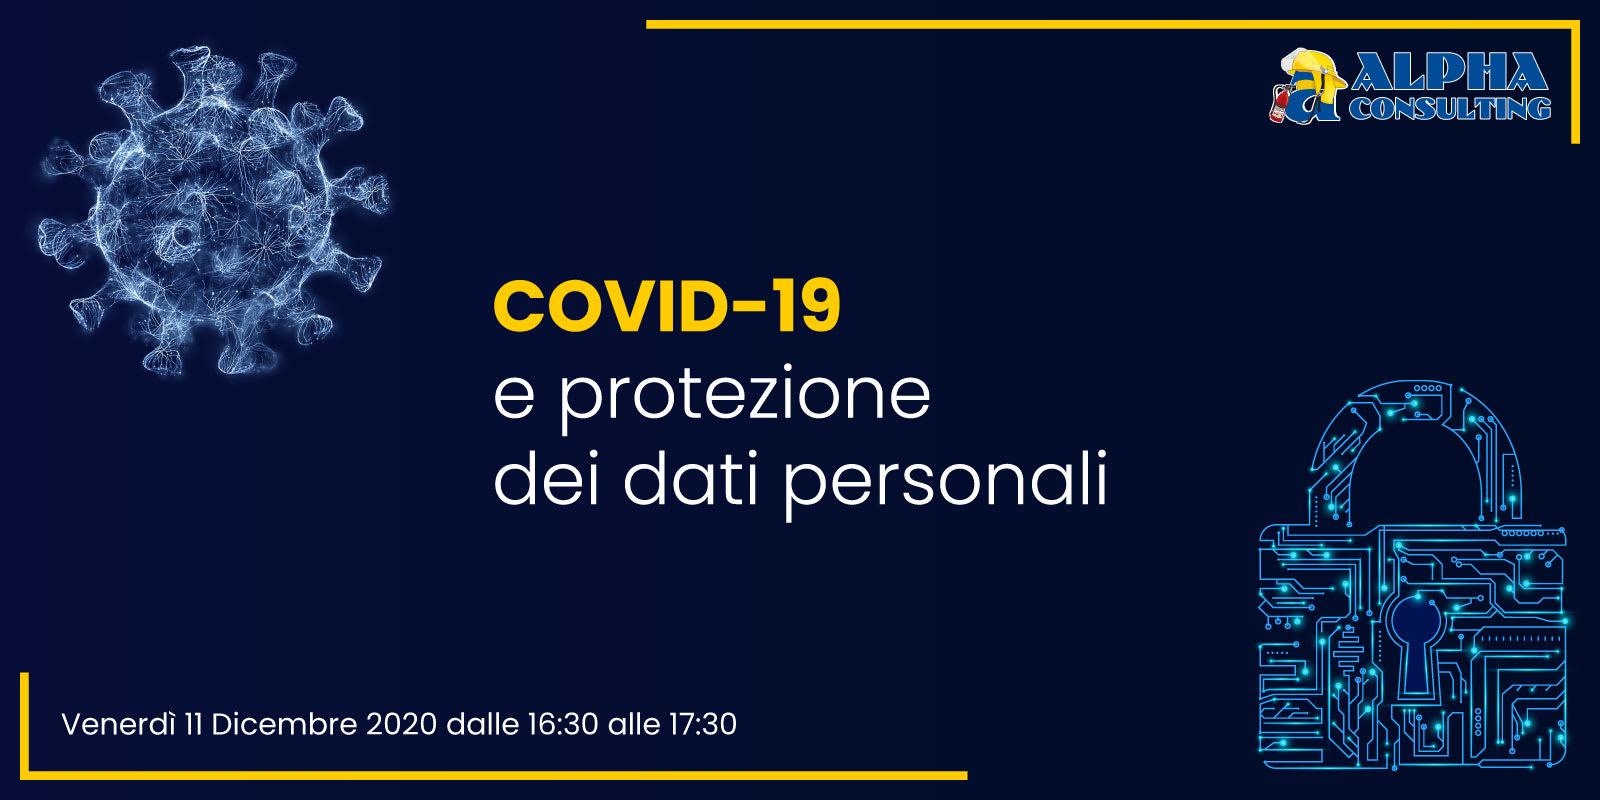 Webinar - COVID-19 e protezione dei dati personali